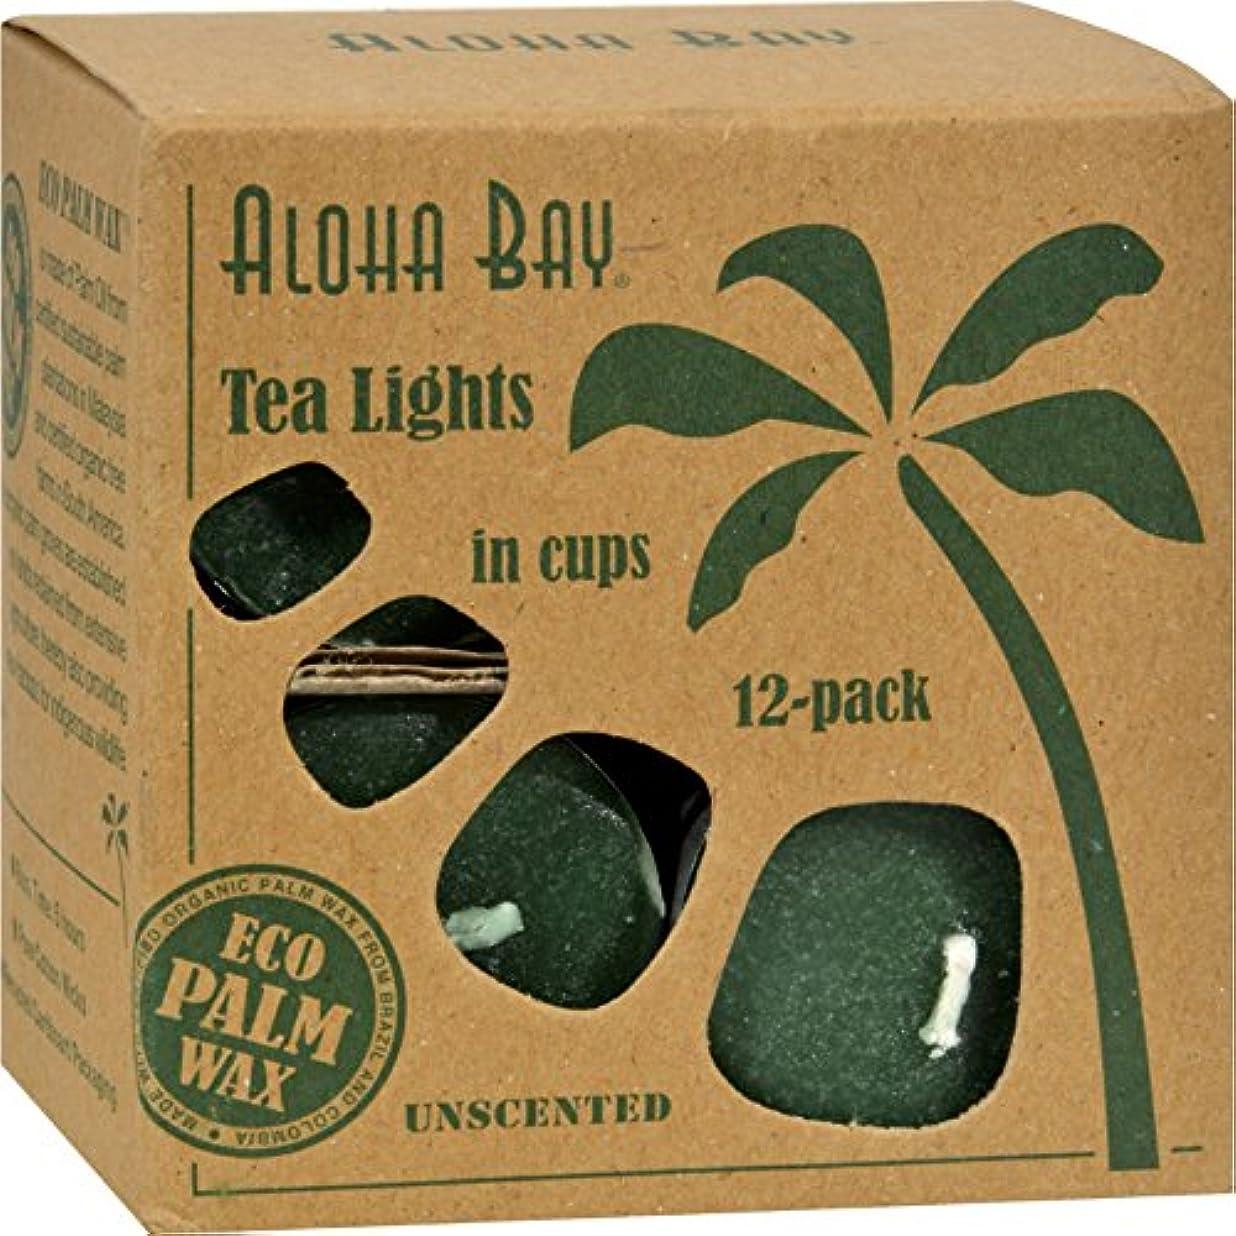 教室デザート種をまくアロハベイ625640アロハベイティーライト - グリーン - 12.7オンス